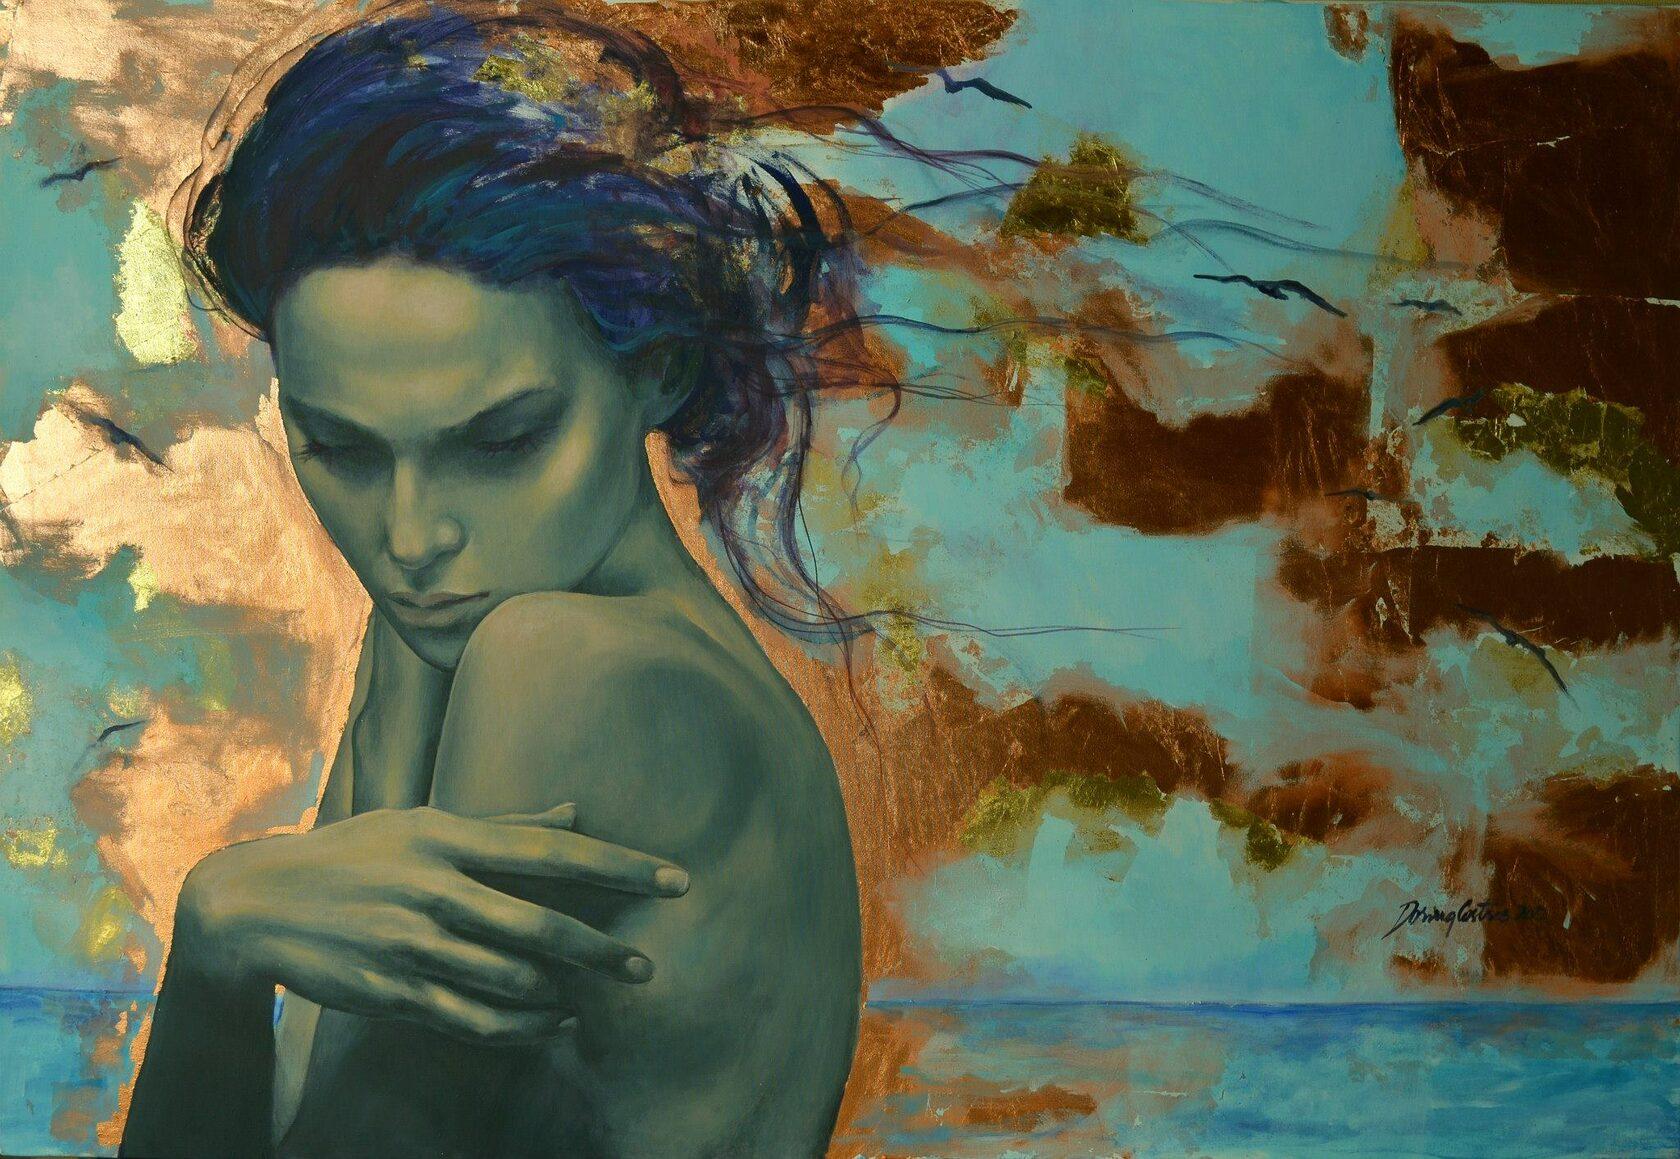 dipinto di busto di donna nudo al mare che si abbraccia